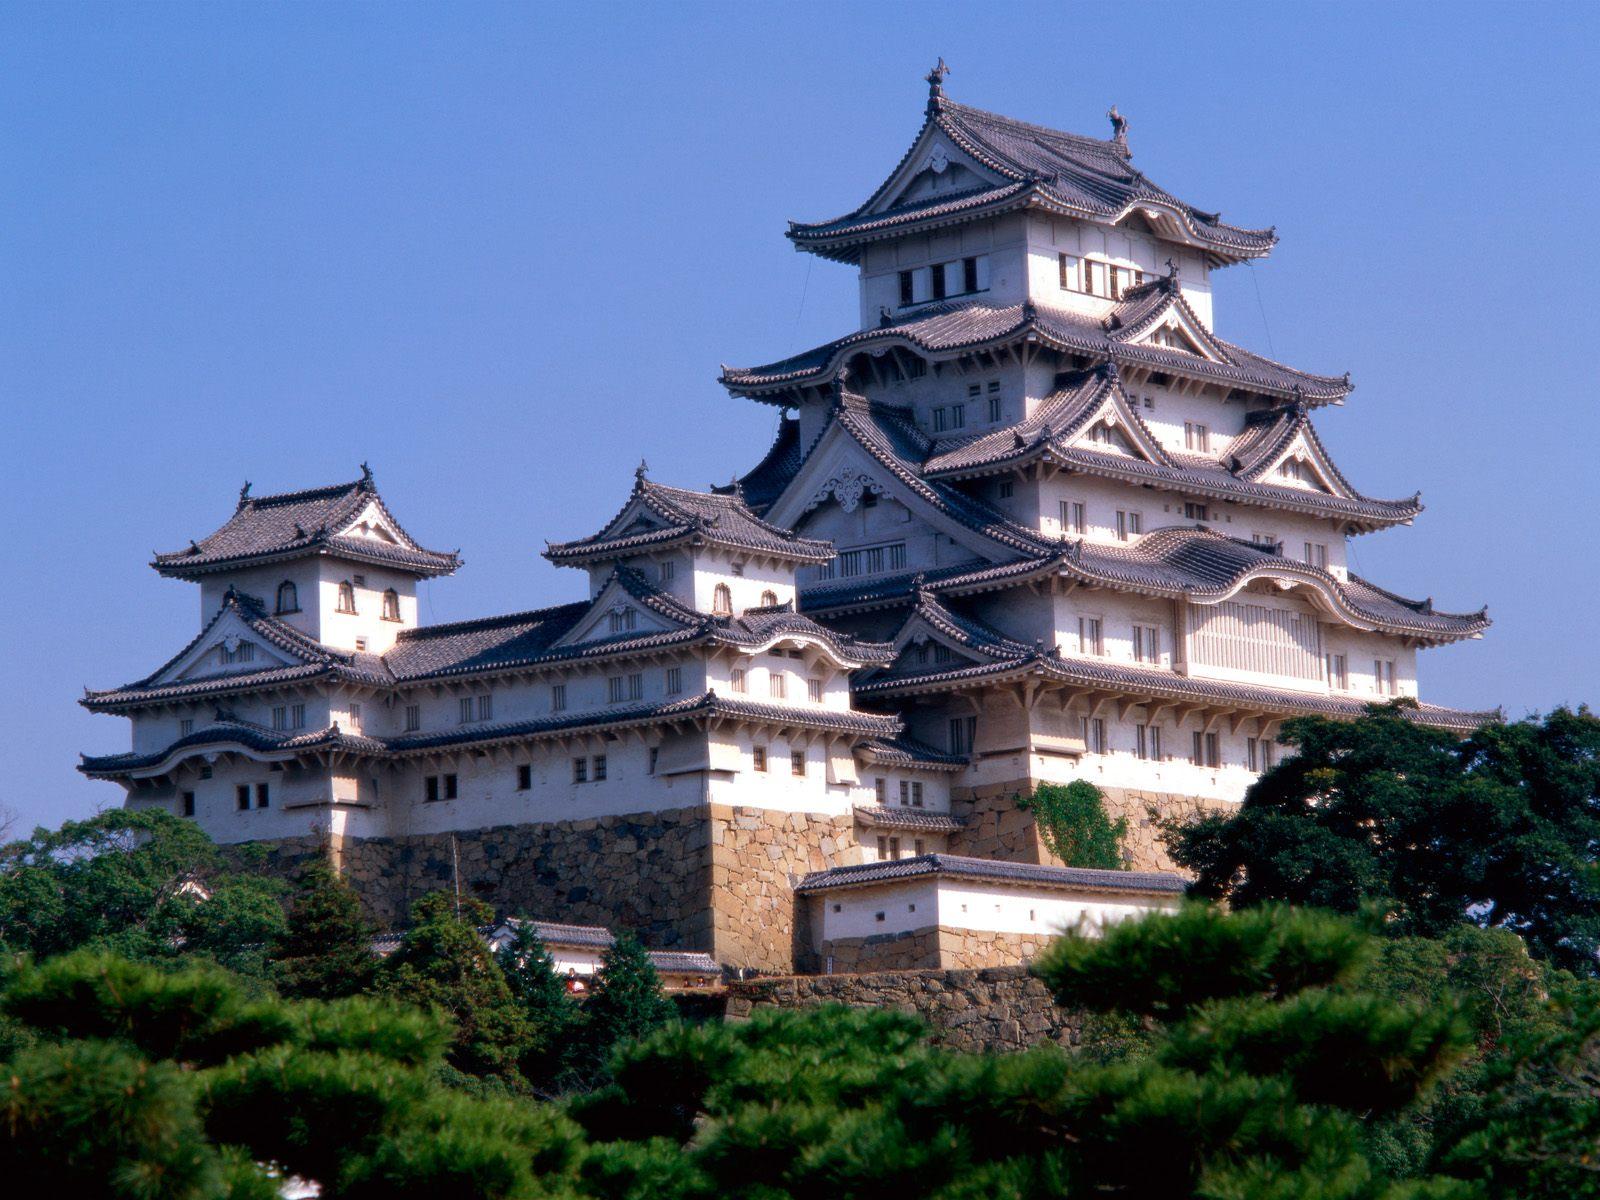 http://2.bp.blogspot.com/_n0mZ5Qg896s/TSPcdzHFglI/AAAAAAAAACo/xTDJbXAOARg/s1600/Himeji+Castle.jpg